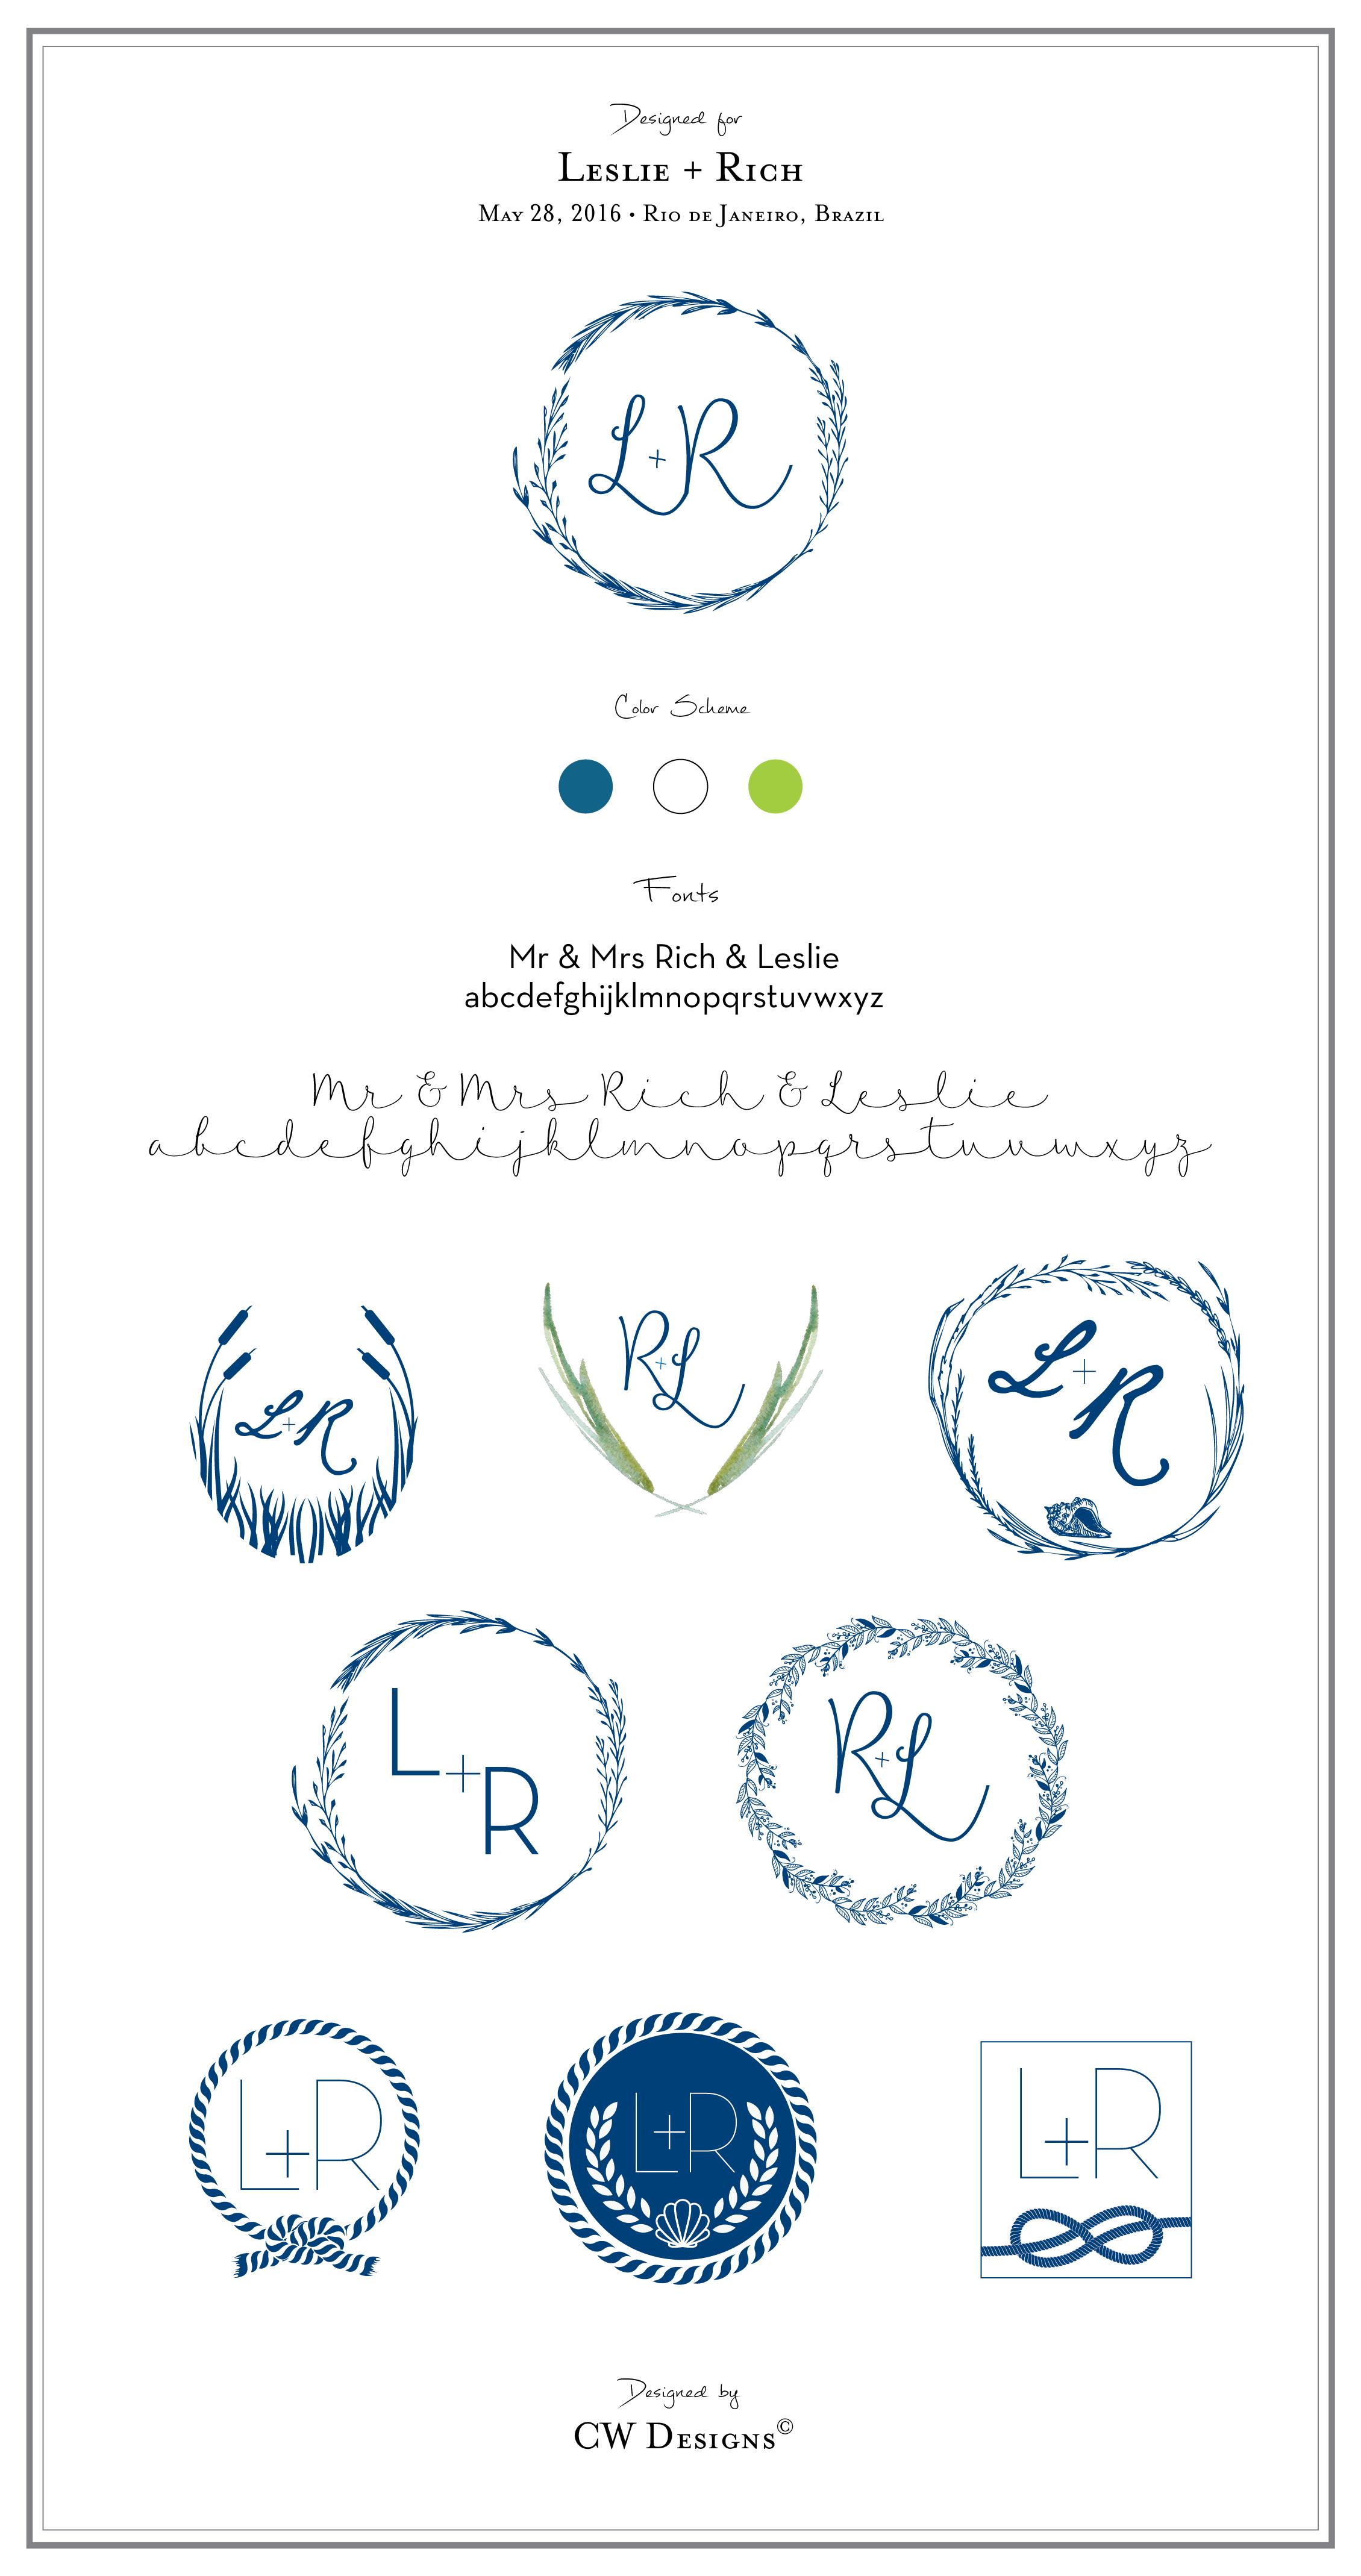 Leslie & Rick Monogram Website Image-01.png